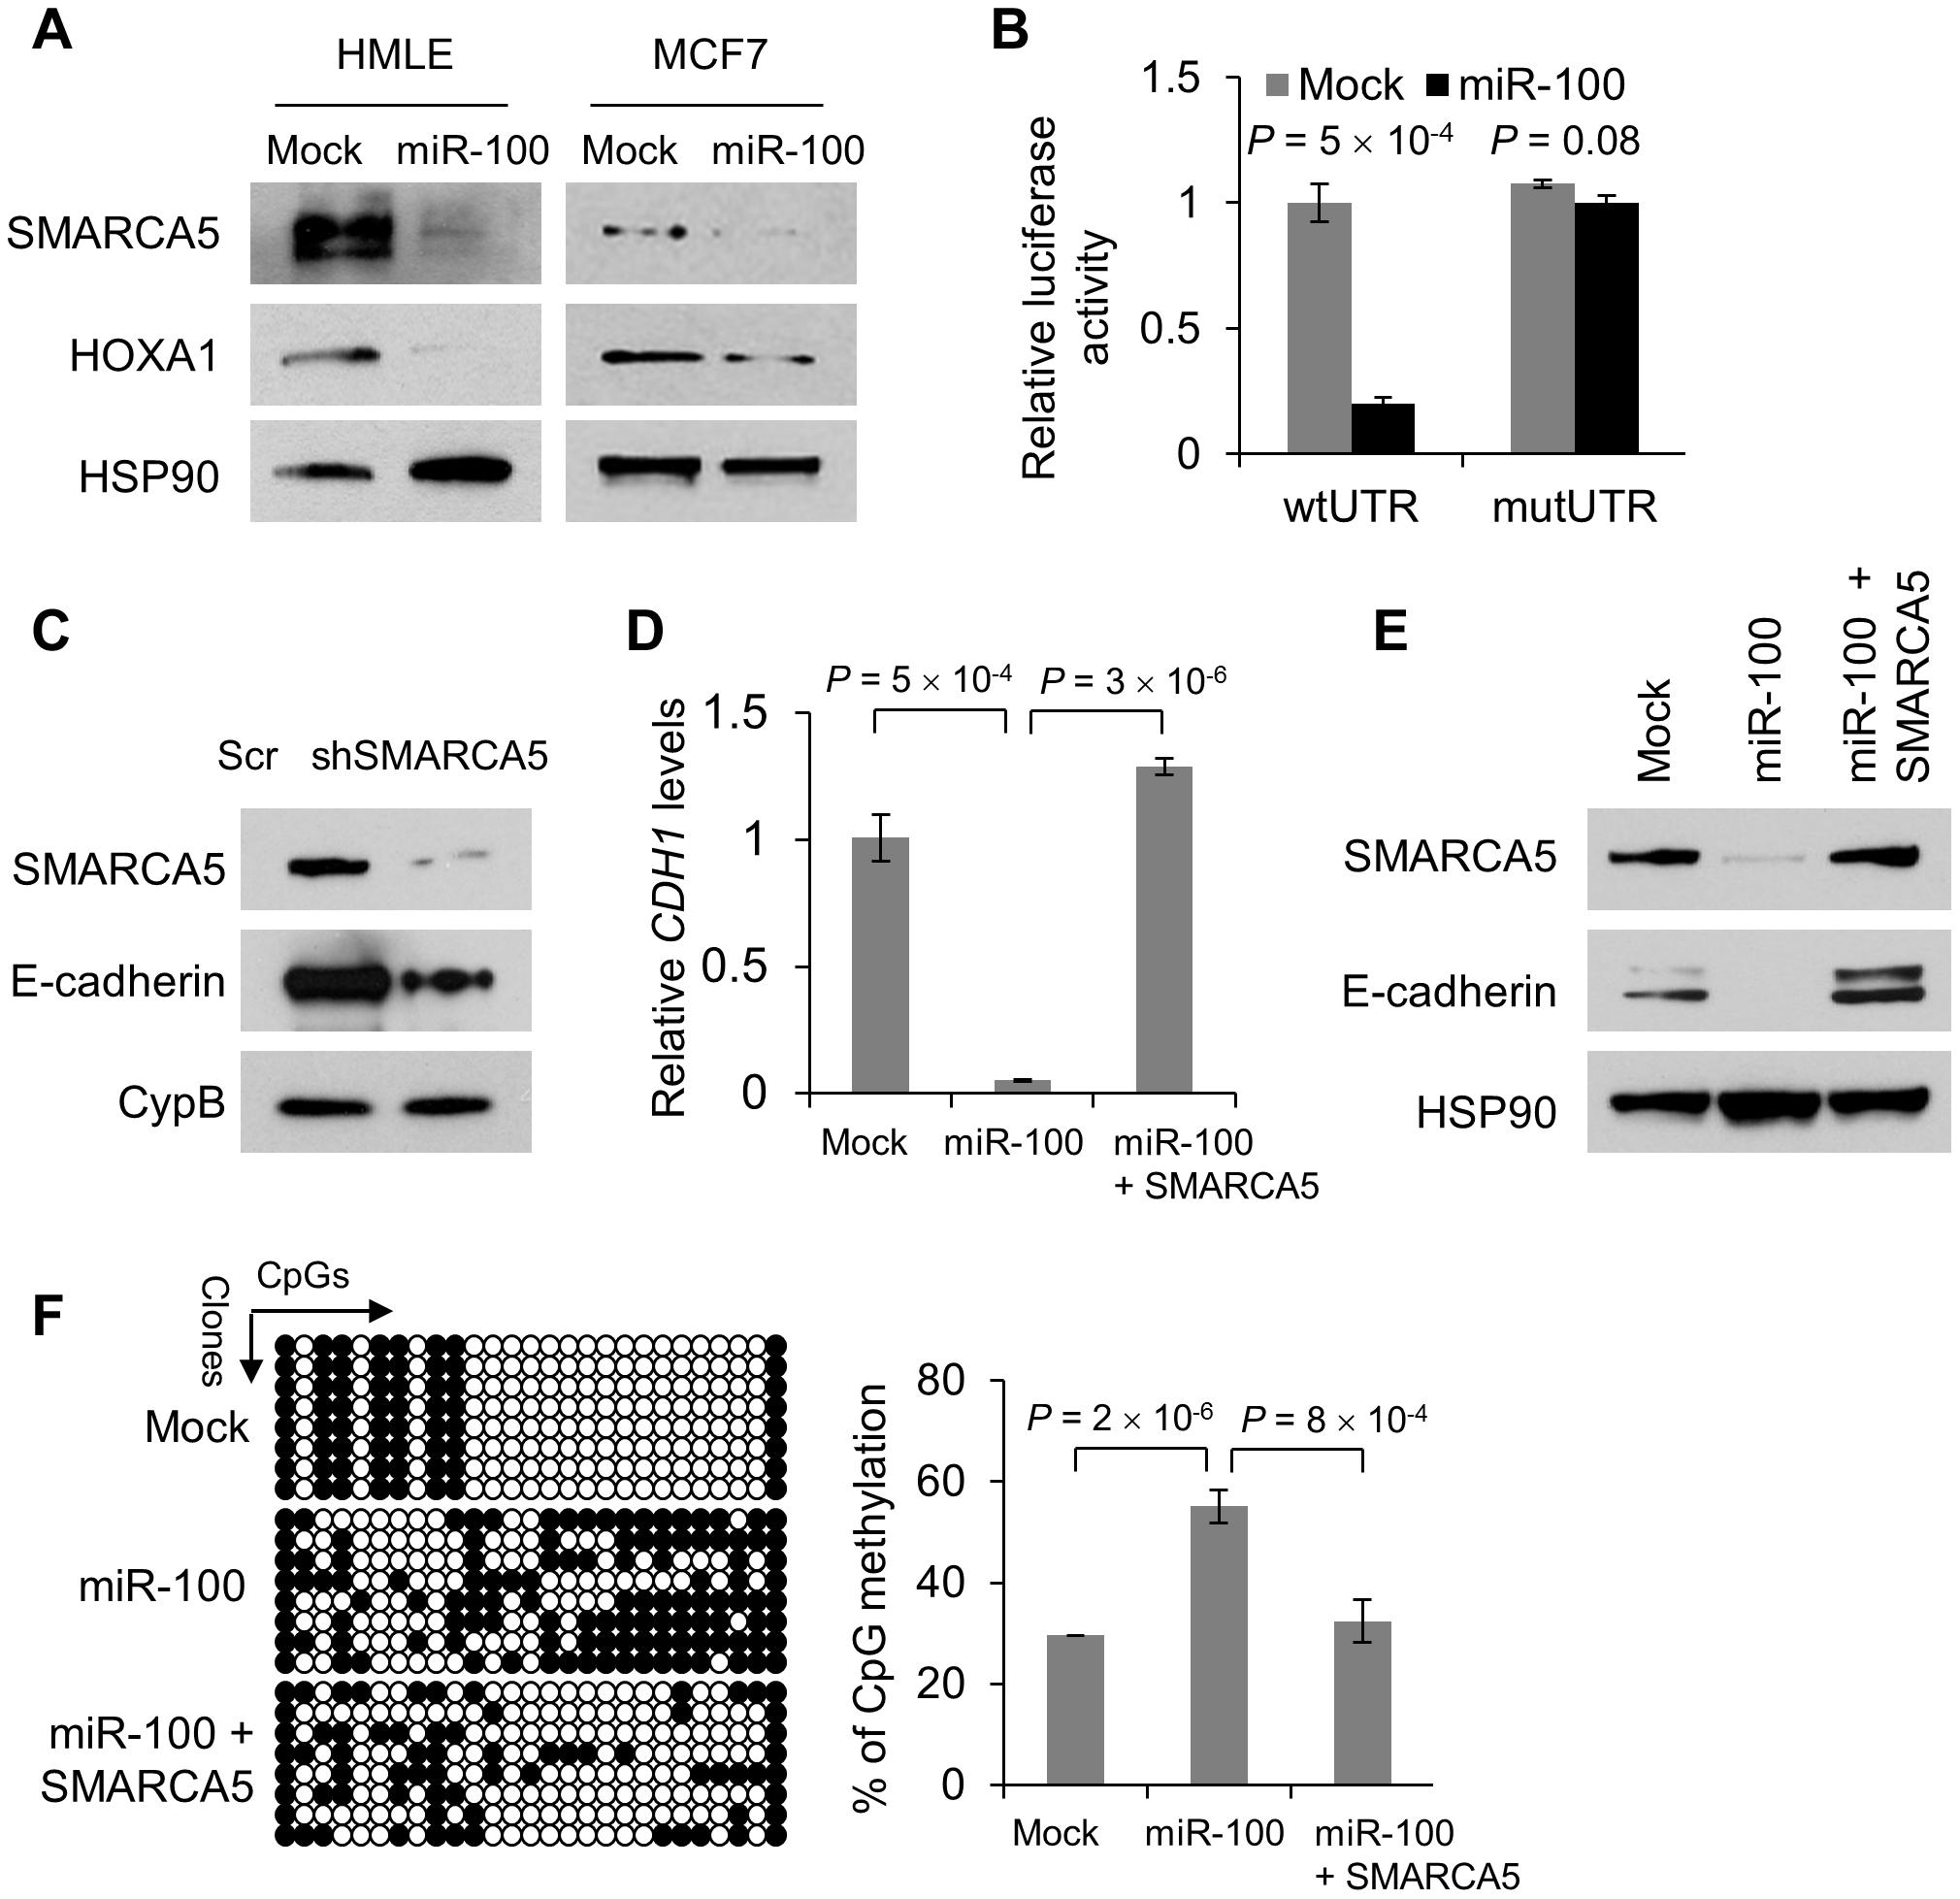 miR-100 downregulates E-cadherin by targeting <i>SMARCA5</i>.